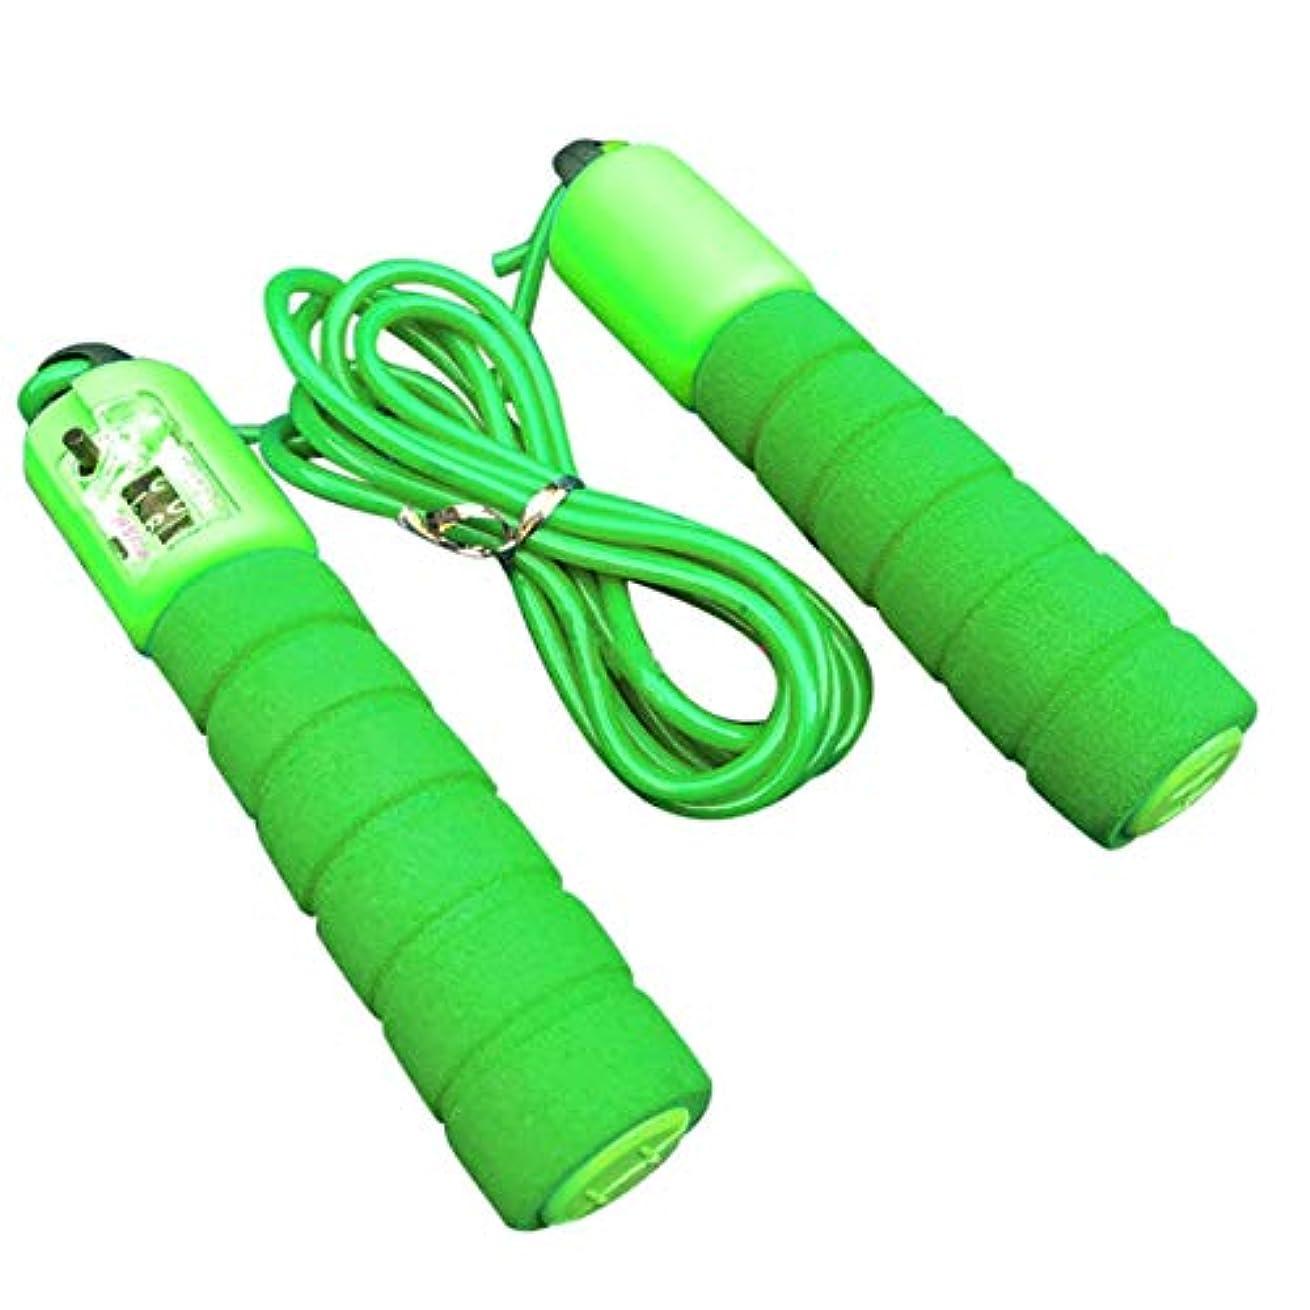 無傷排除する容器調節可能なプロフェッショナルカウント縄跳び自動カウントジャンプロープフィットネス運動高速カウントジャンプロープ - グリーン